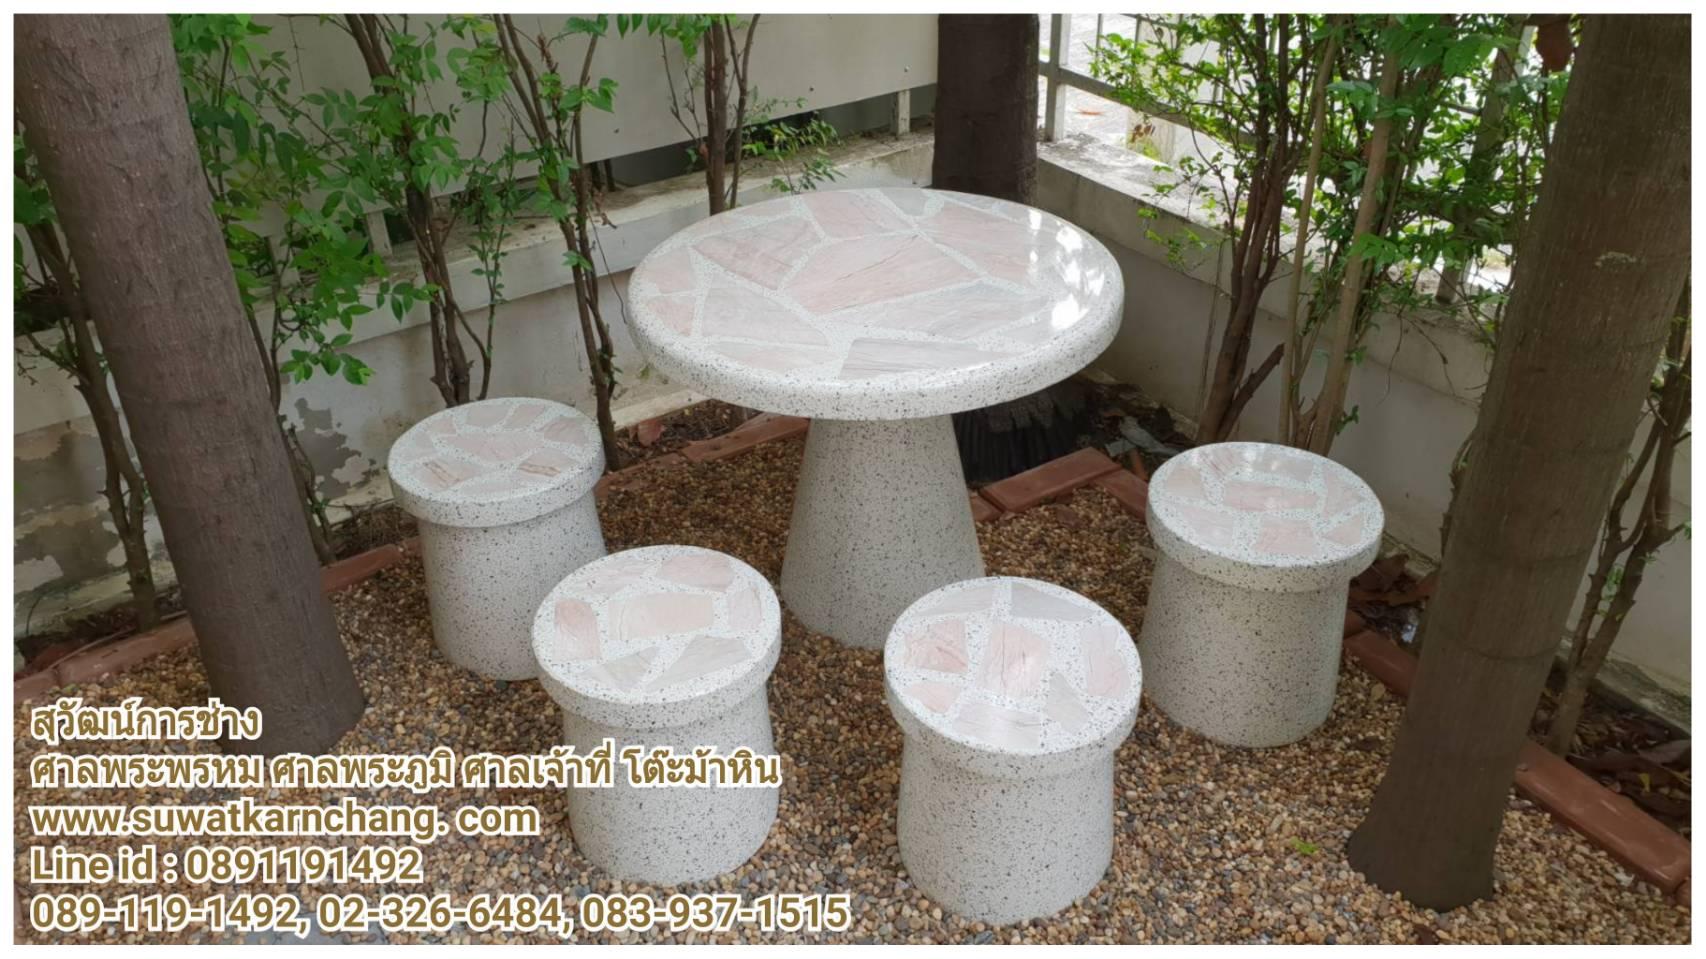 โต๊ะดอกเห็ดหินอ่อน หน้า 80 ซม. ตัวนั่ง 4 ตัว งานเกรดเอ